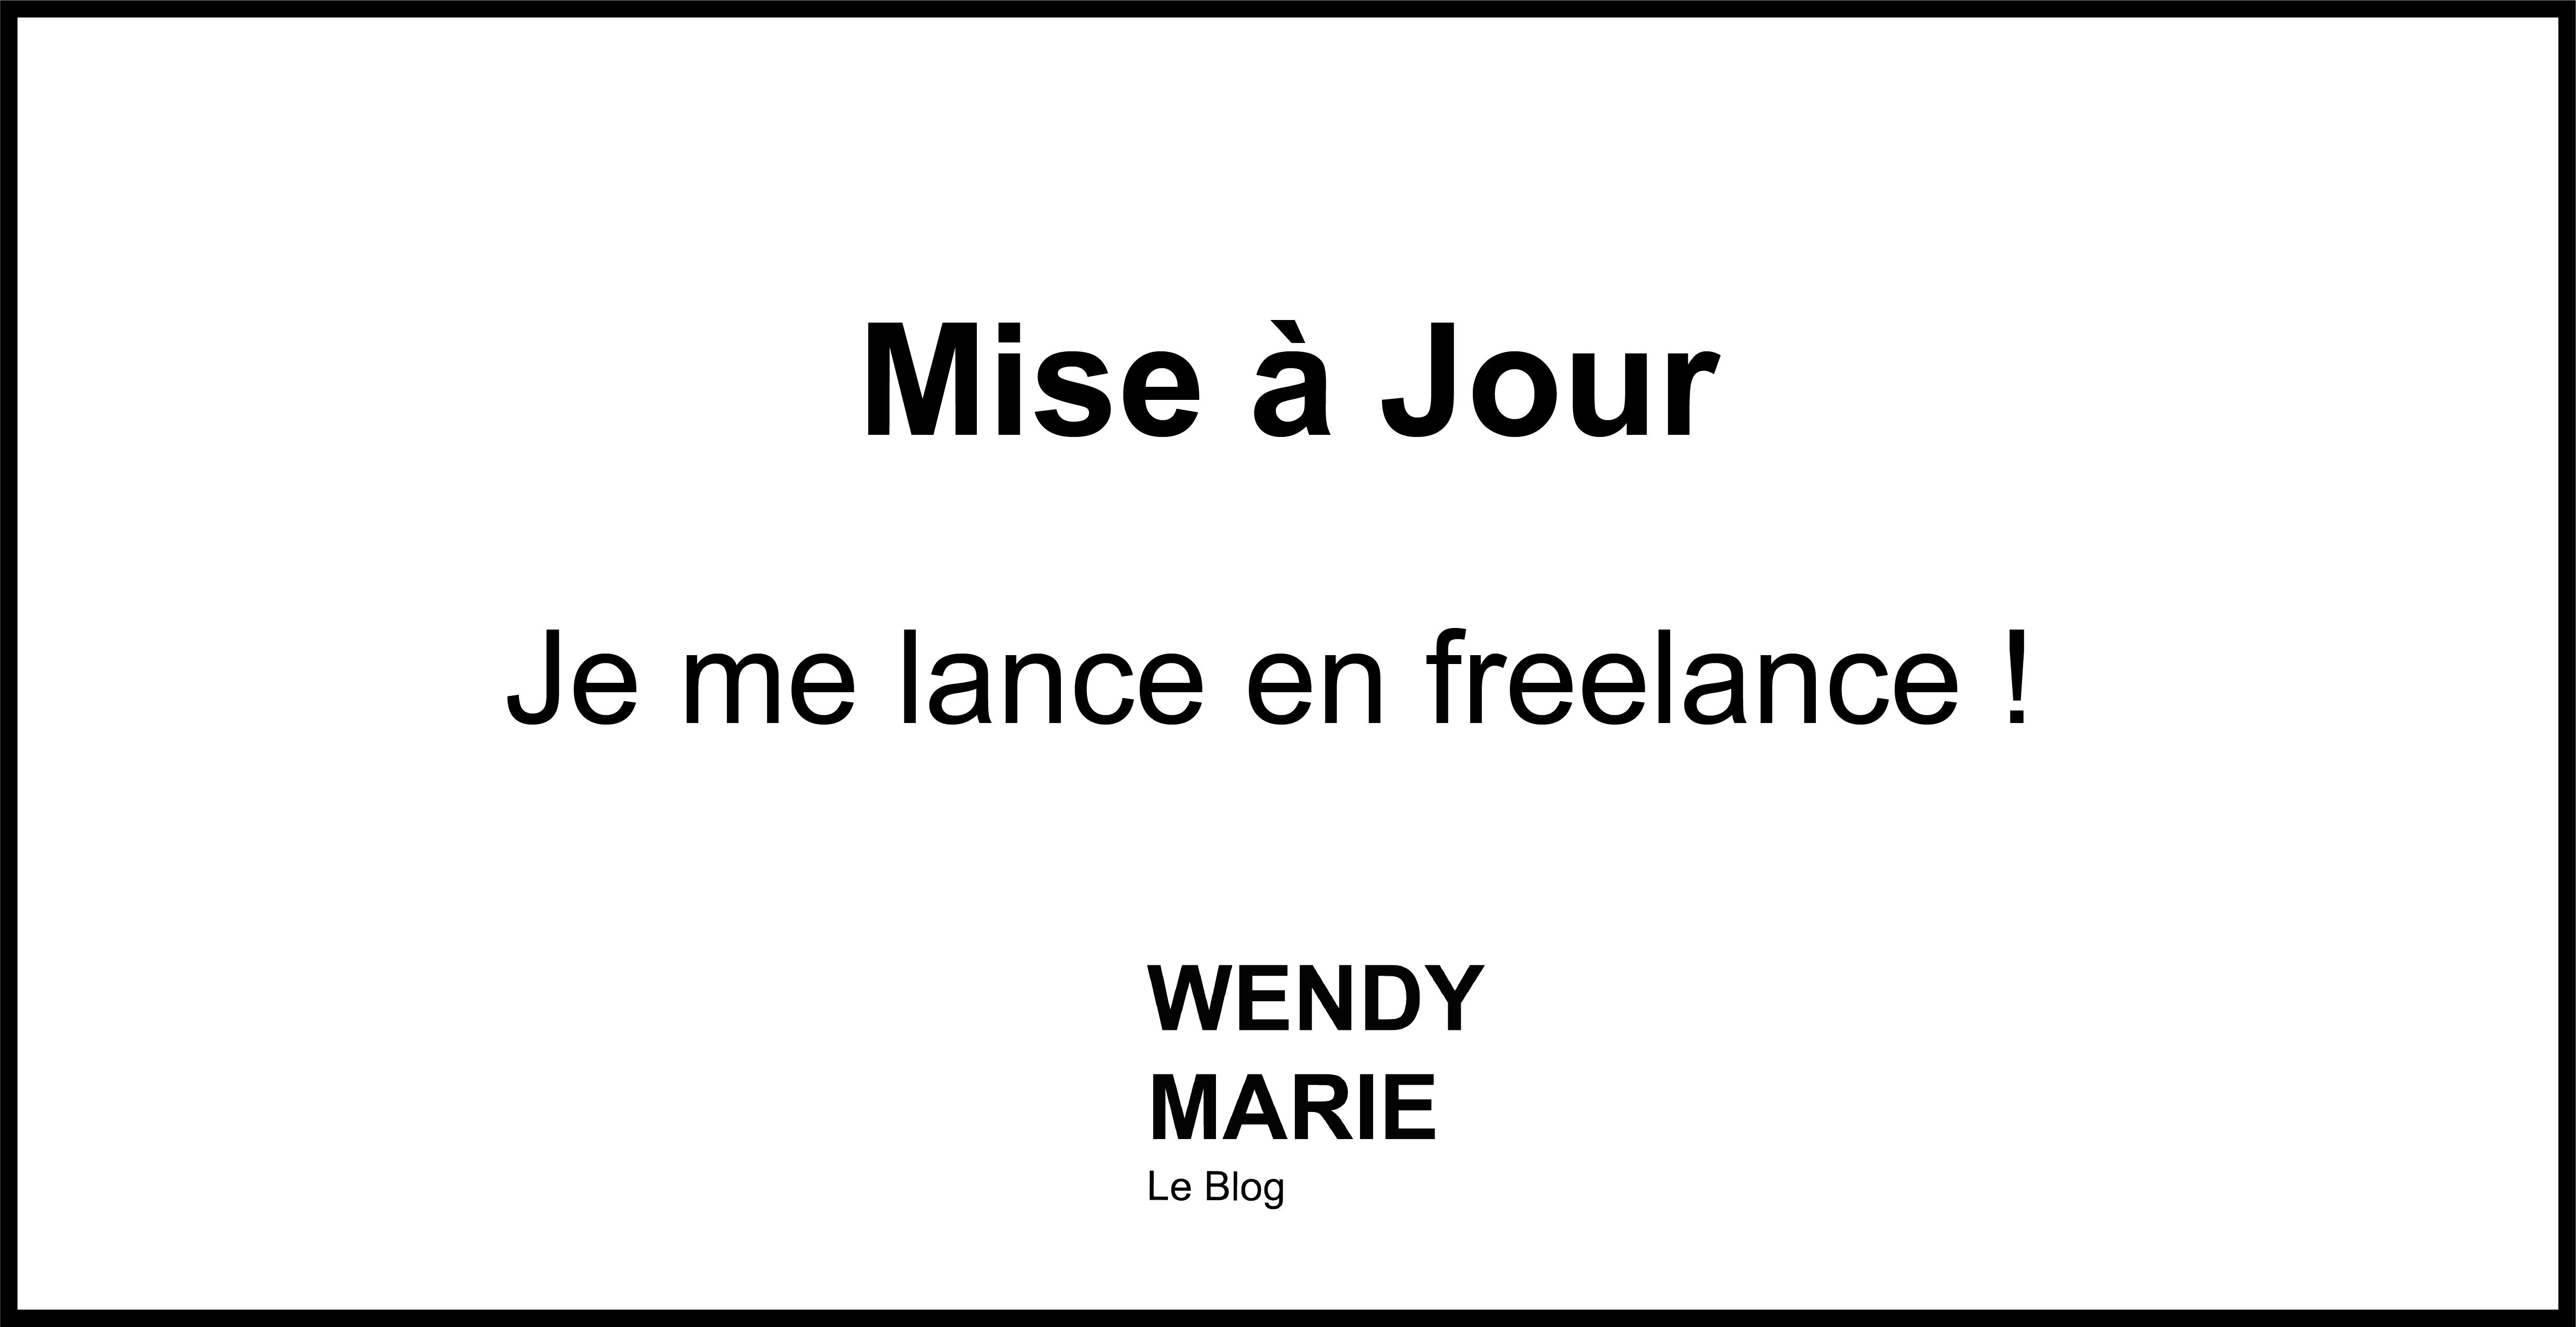 MISE A JOUR DU 30.04.21 : JE ME LANCE EN FREELANCE !